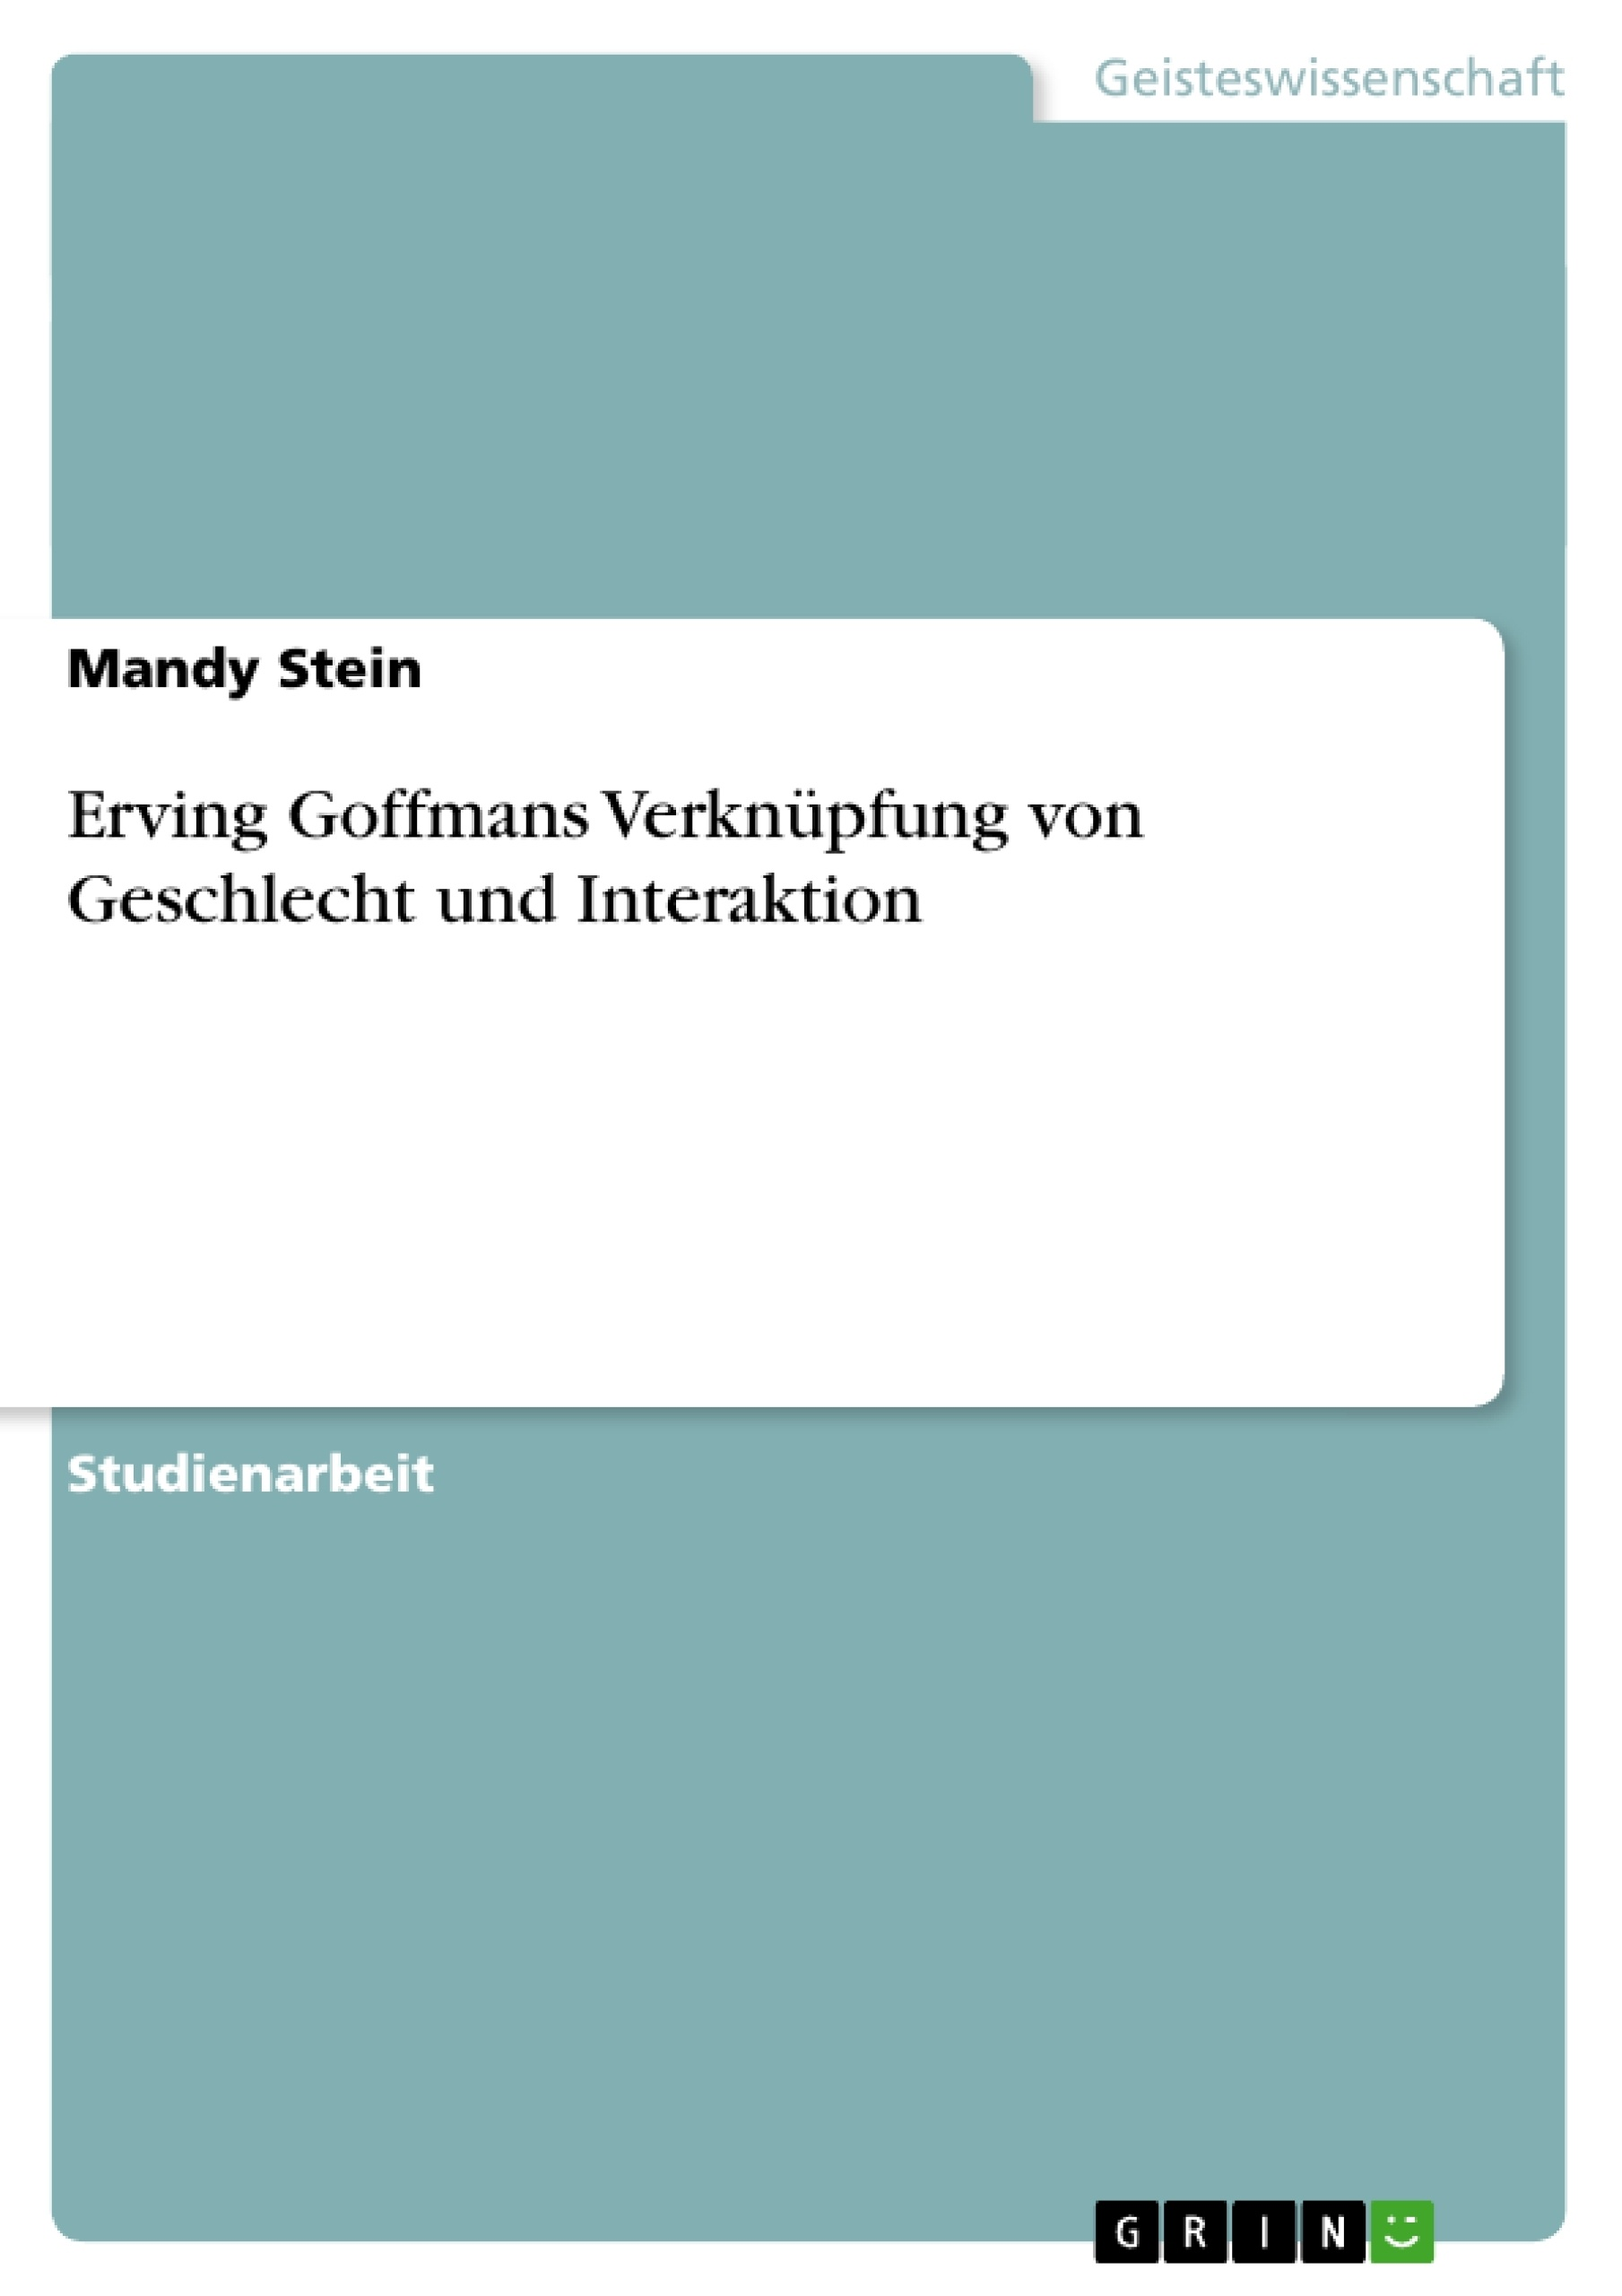 Titel: Erving Goffmans Verknüpfung von Geschlecht und Interaktion